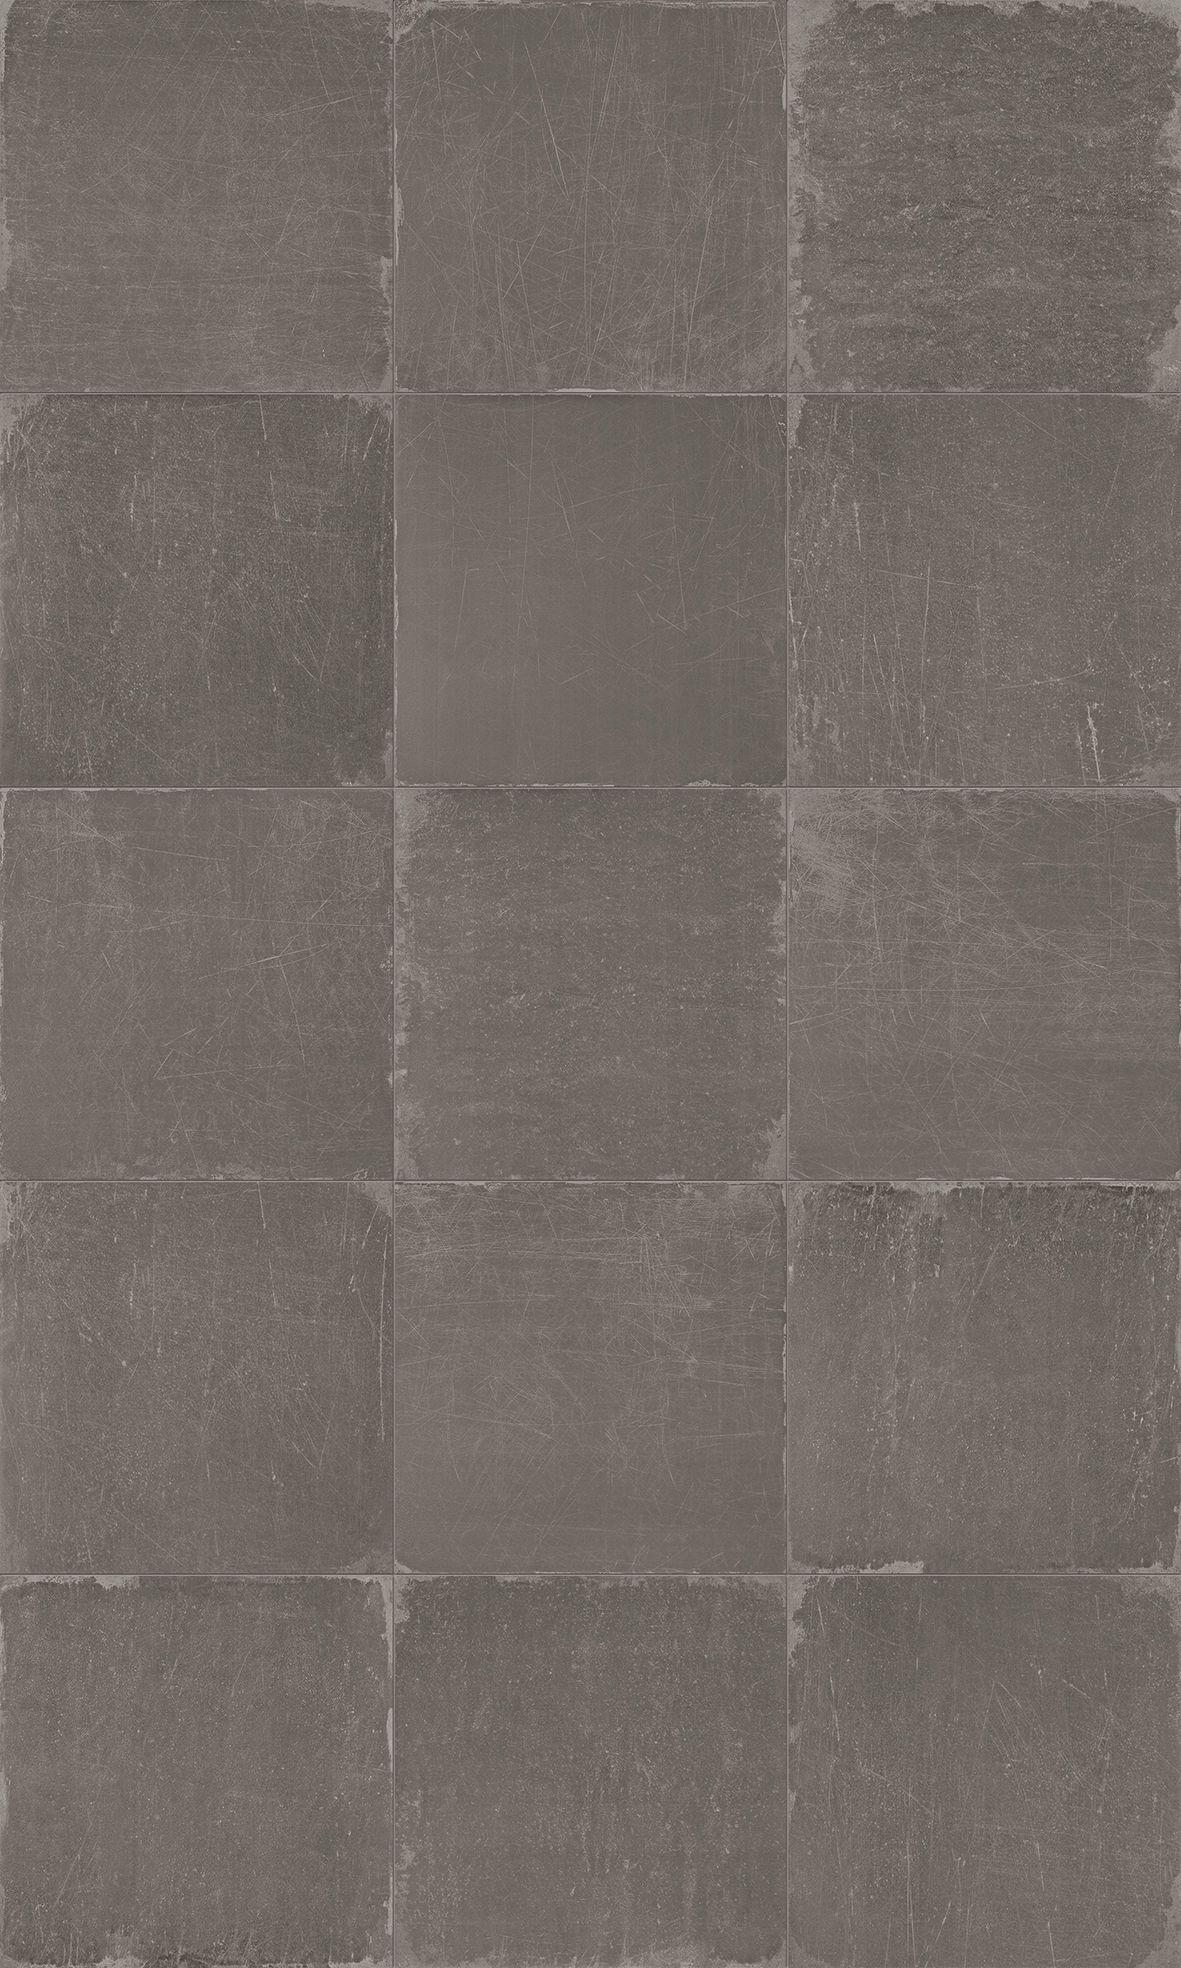 Sienna Lacquered Stone Cenere Porcelain Tiles Concrete